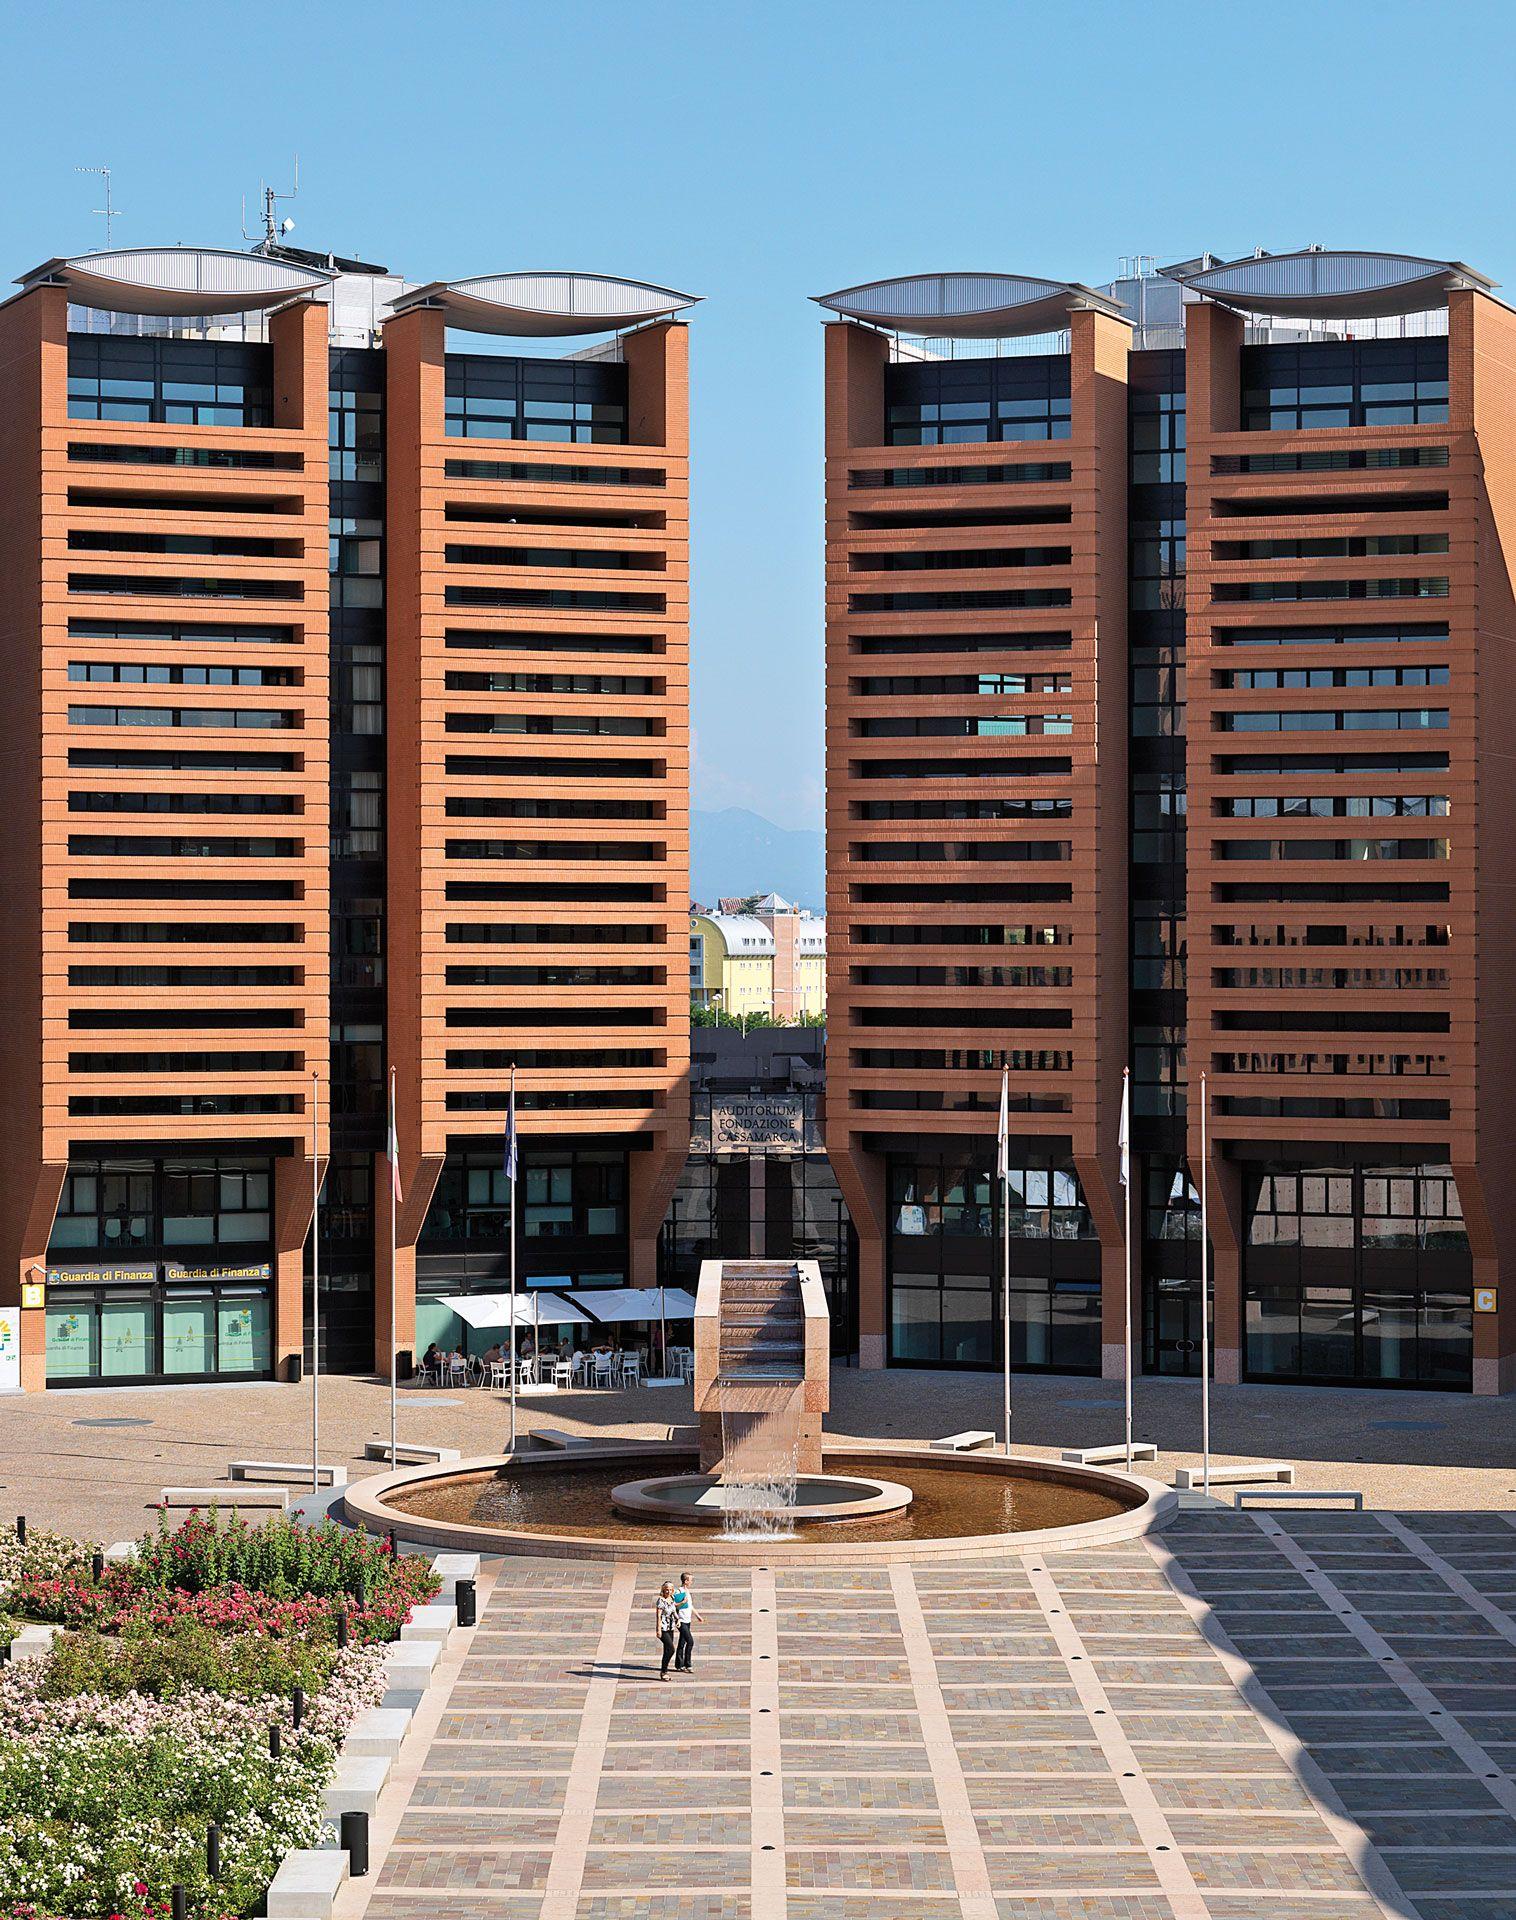 Attraverso un'imponente operazione di progettazione urbana,M ario Botta ha «firmato», con il suo usuale stile vigoroso e chiaramente riconoscibile, un intero quartiere di Treviso, re-inventando una vivacecittadella dei servizi laddove prima sorgeva l'ampio vuoto urbanodell'area industriale dismessa «Ceramiche Appiani».L'intervento,  che si inserisce nel fitto tessuto novecentesco